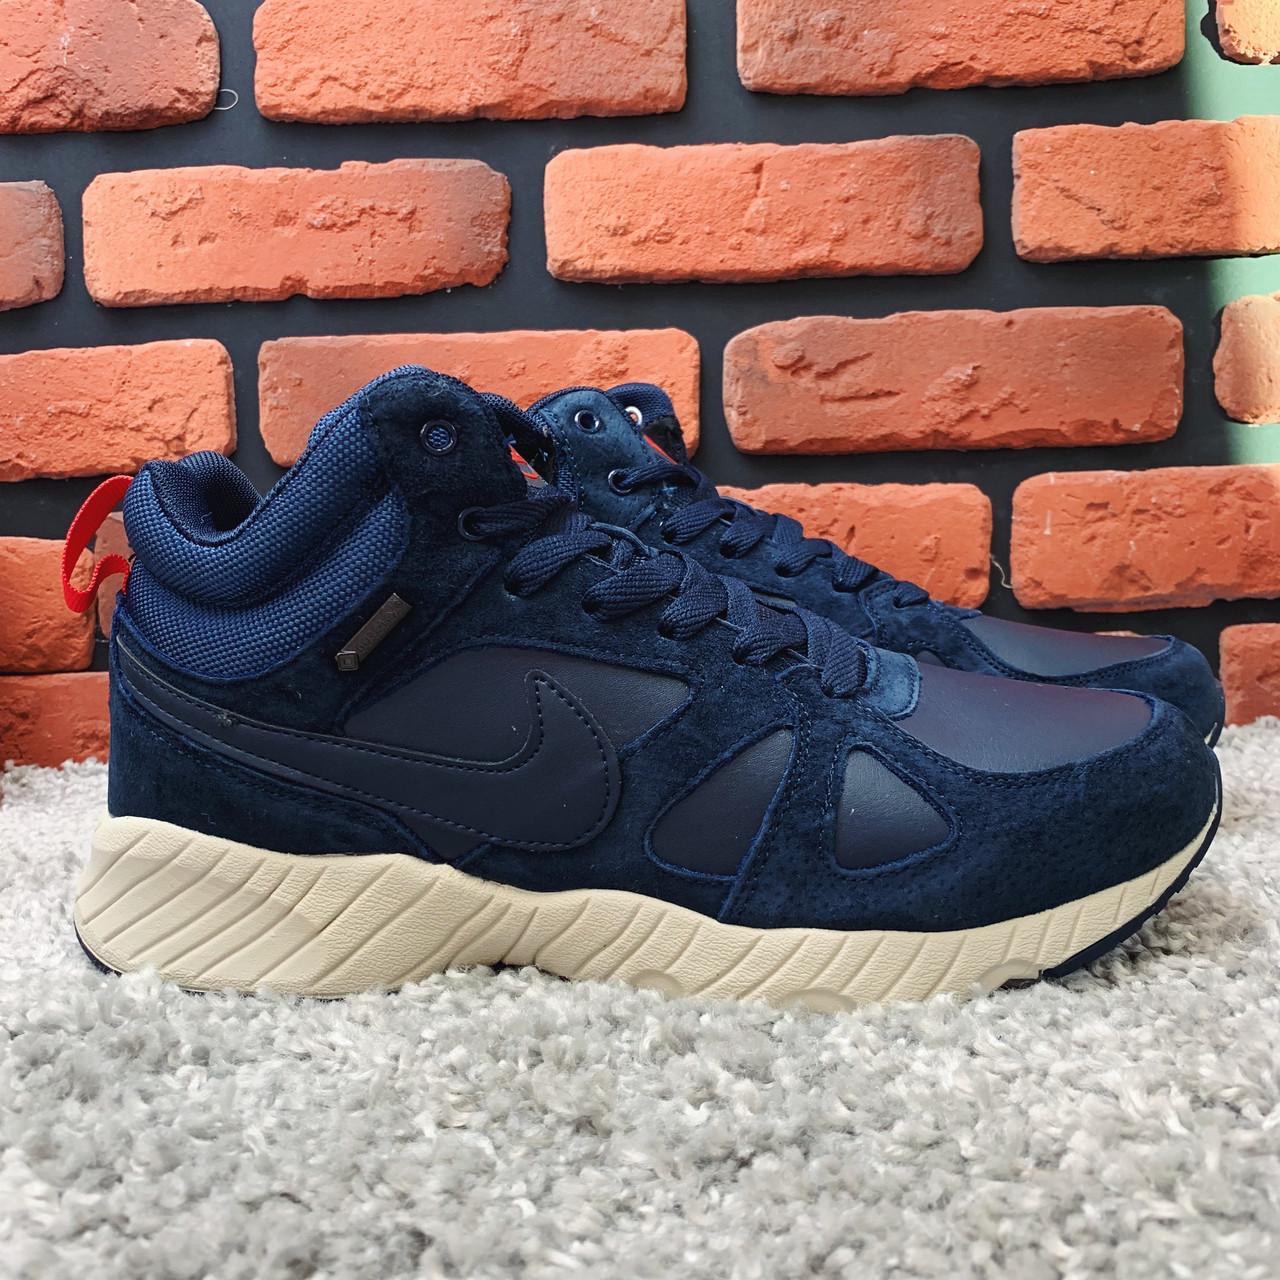 Зимние ботинки (на меху) мужские Nike Air Max (реплика) 1-153 ⏩ [ 42,42,44,44,45.46 ]